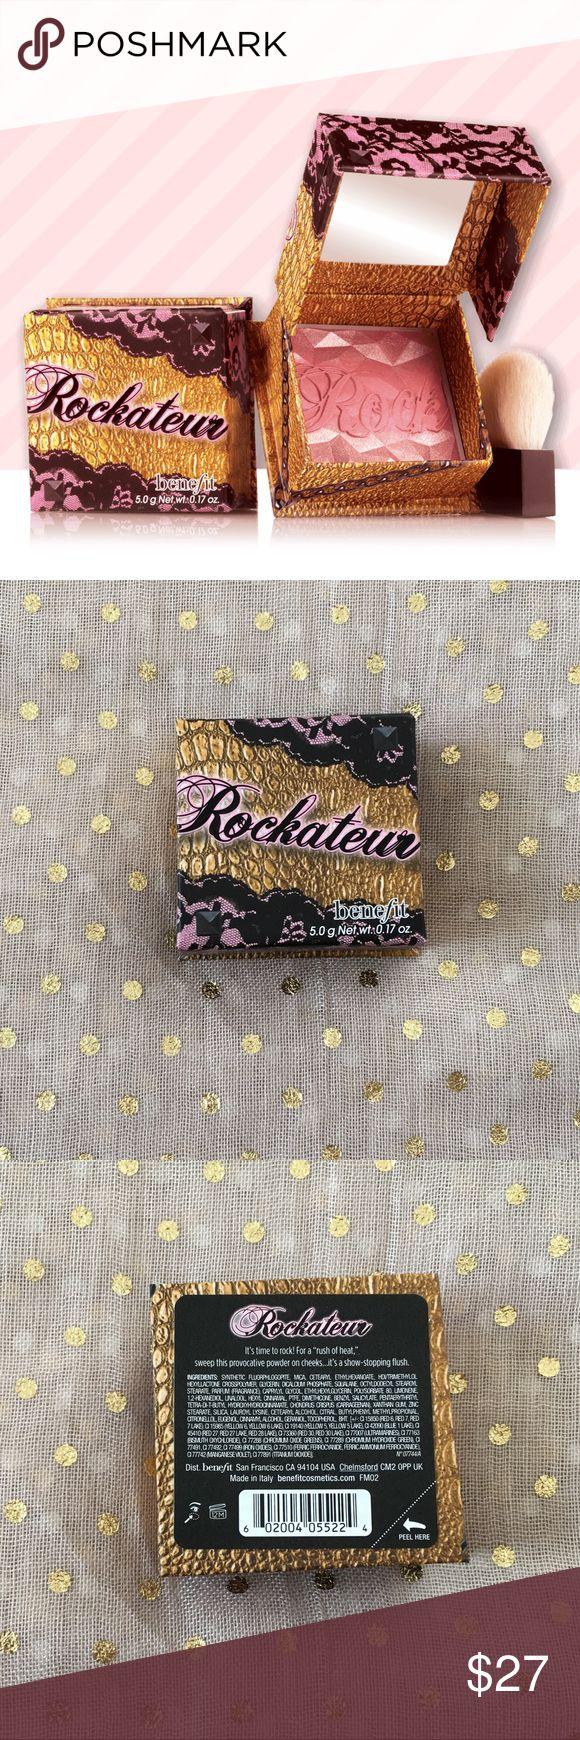 Benefit Rockateur Box o' Powder Blush New in box. Never used or swatched. Benefit Rockateur Box o' Powder Blush, full size. Benefit Makeup Blush